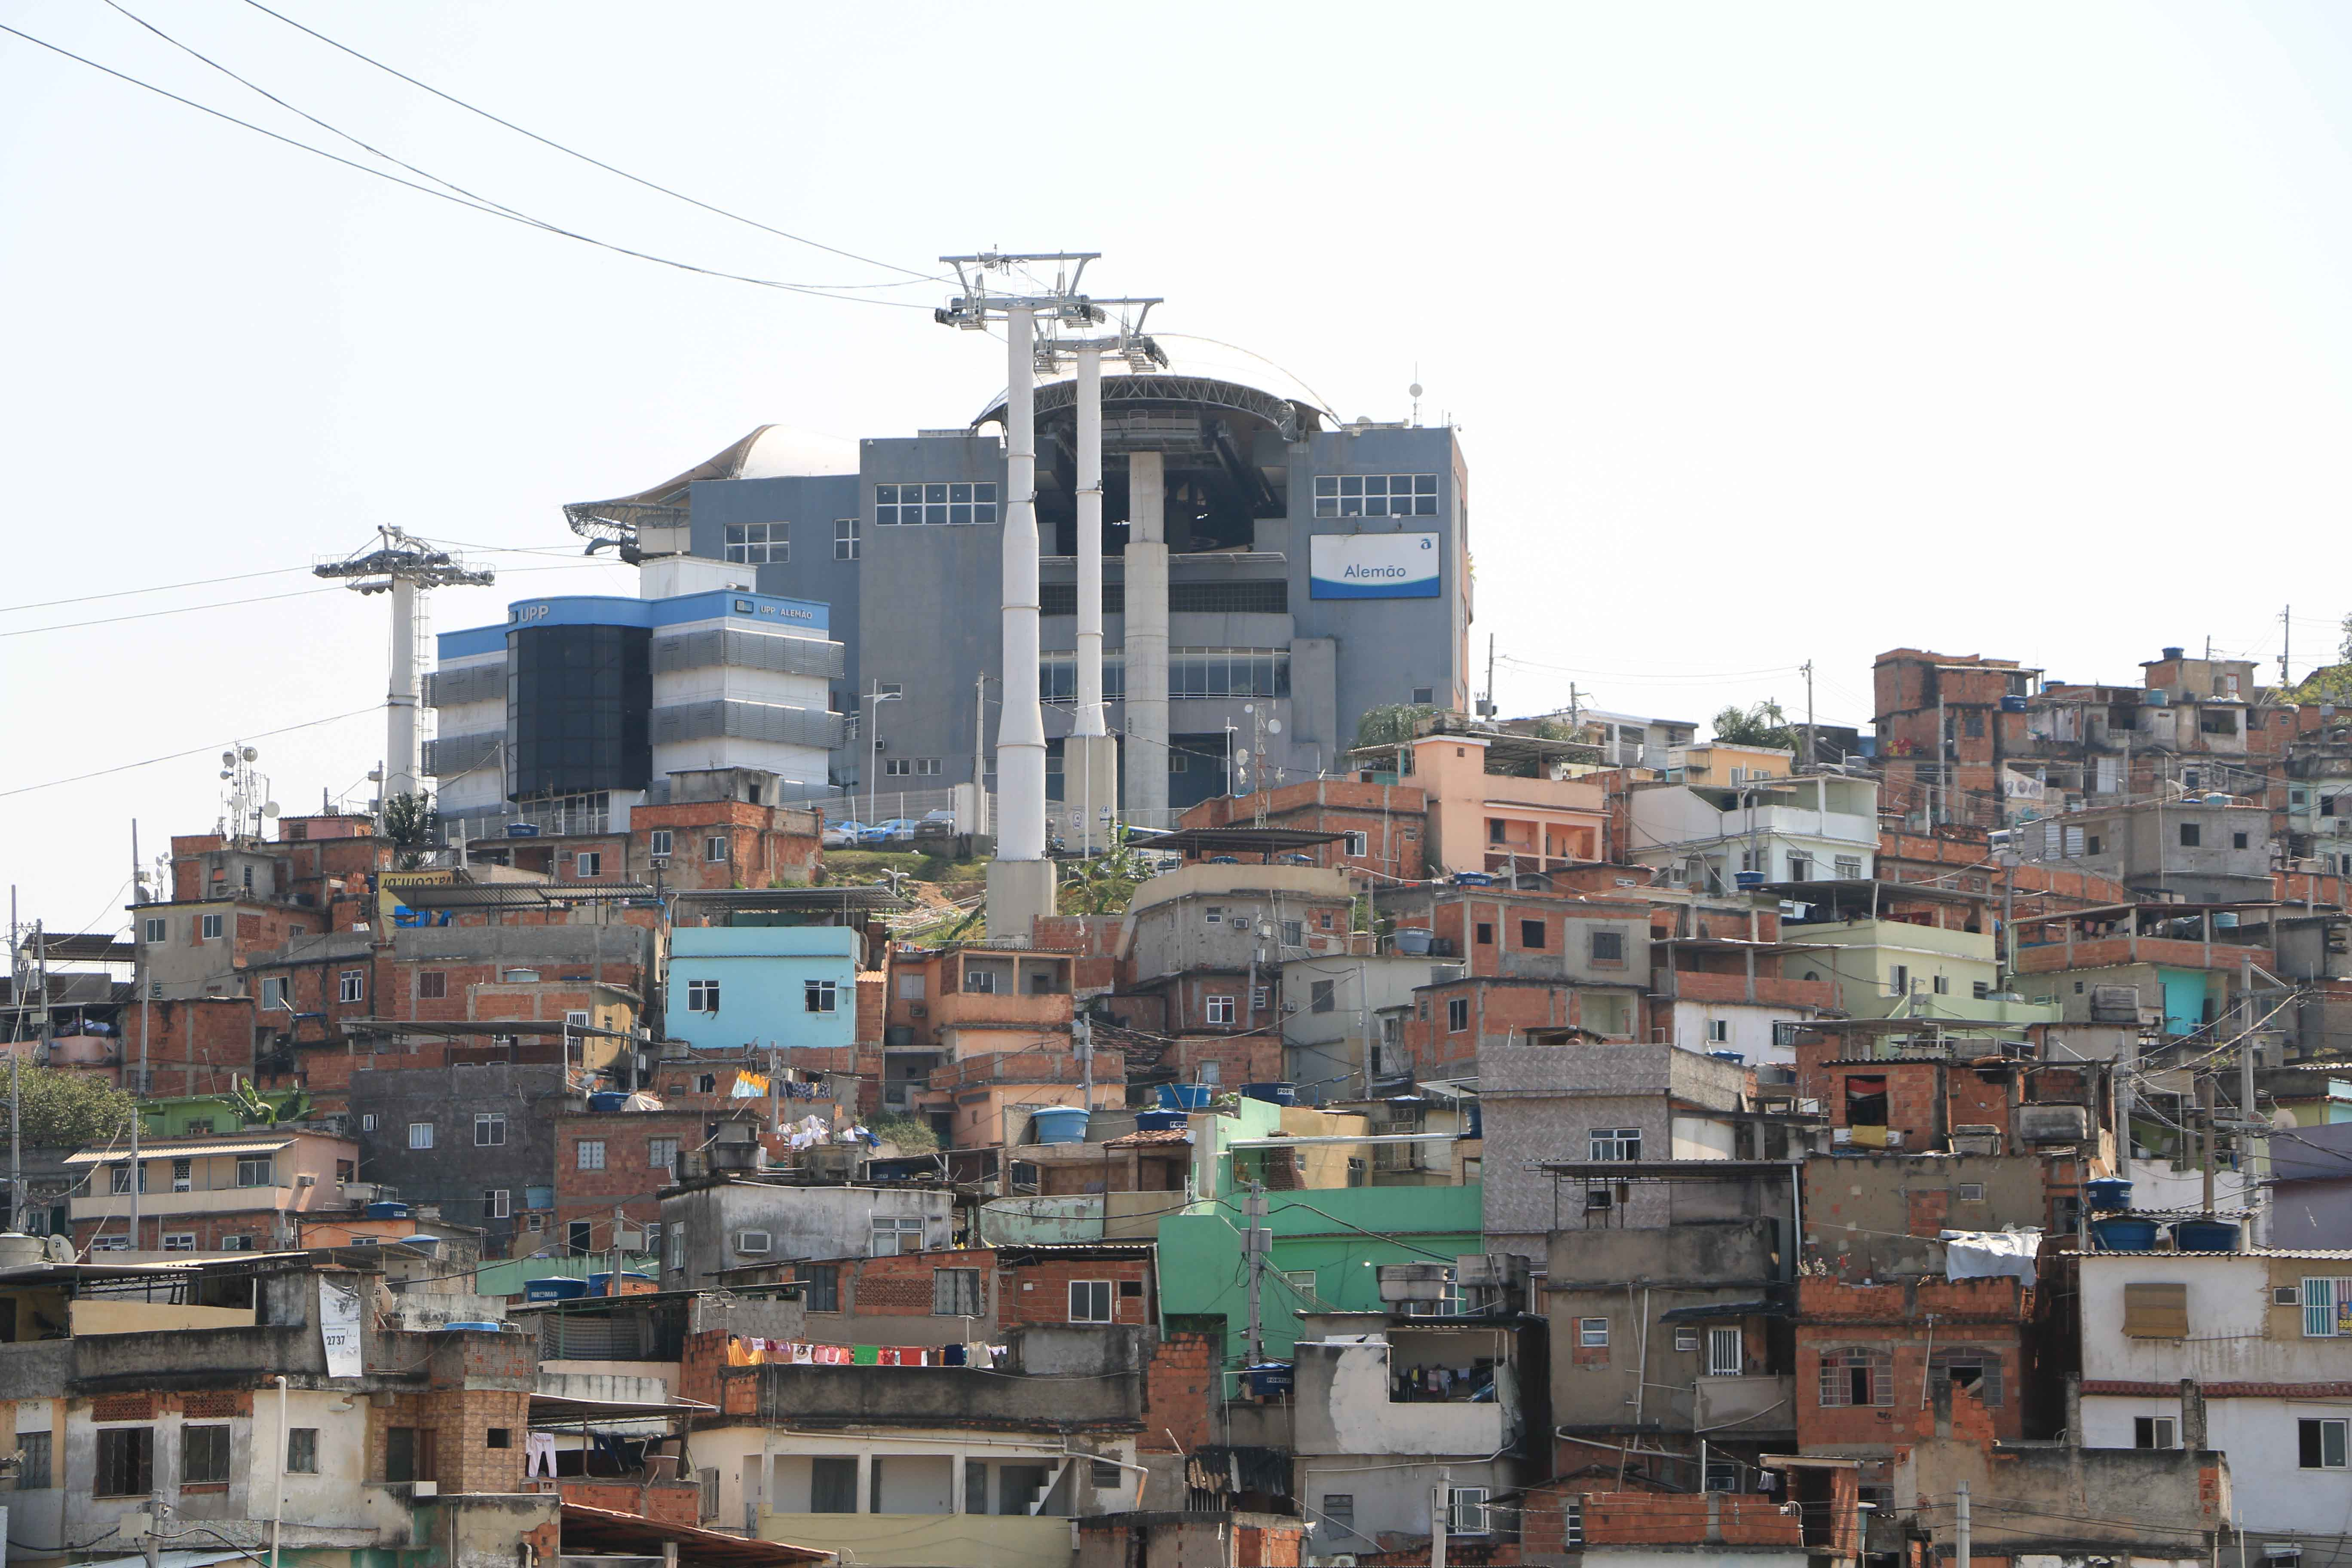 Complexo do Alemão - Foto: Renato Moura